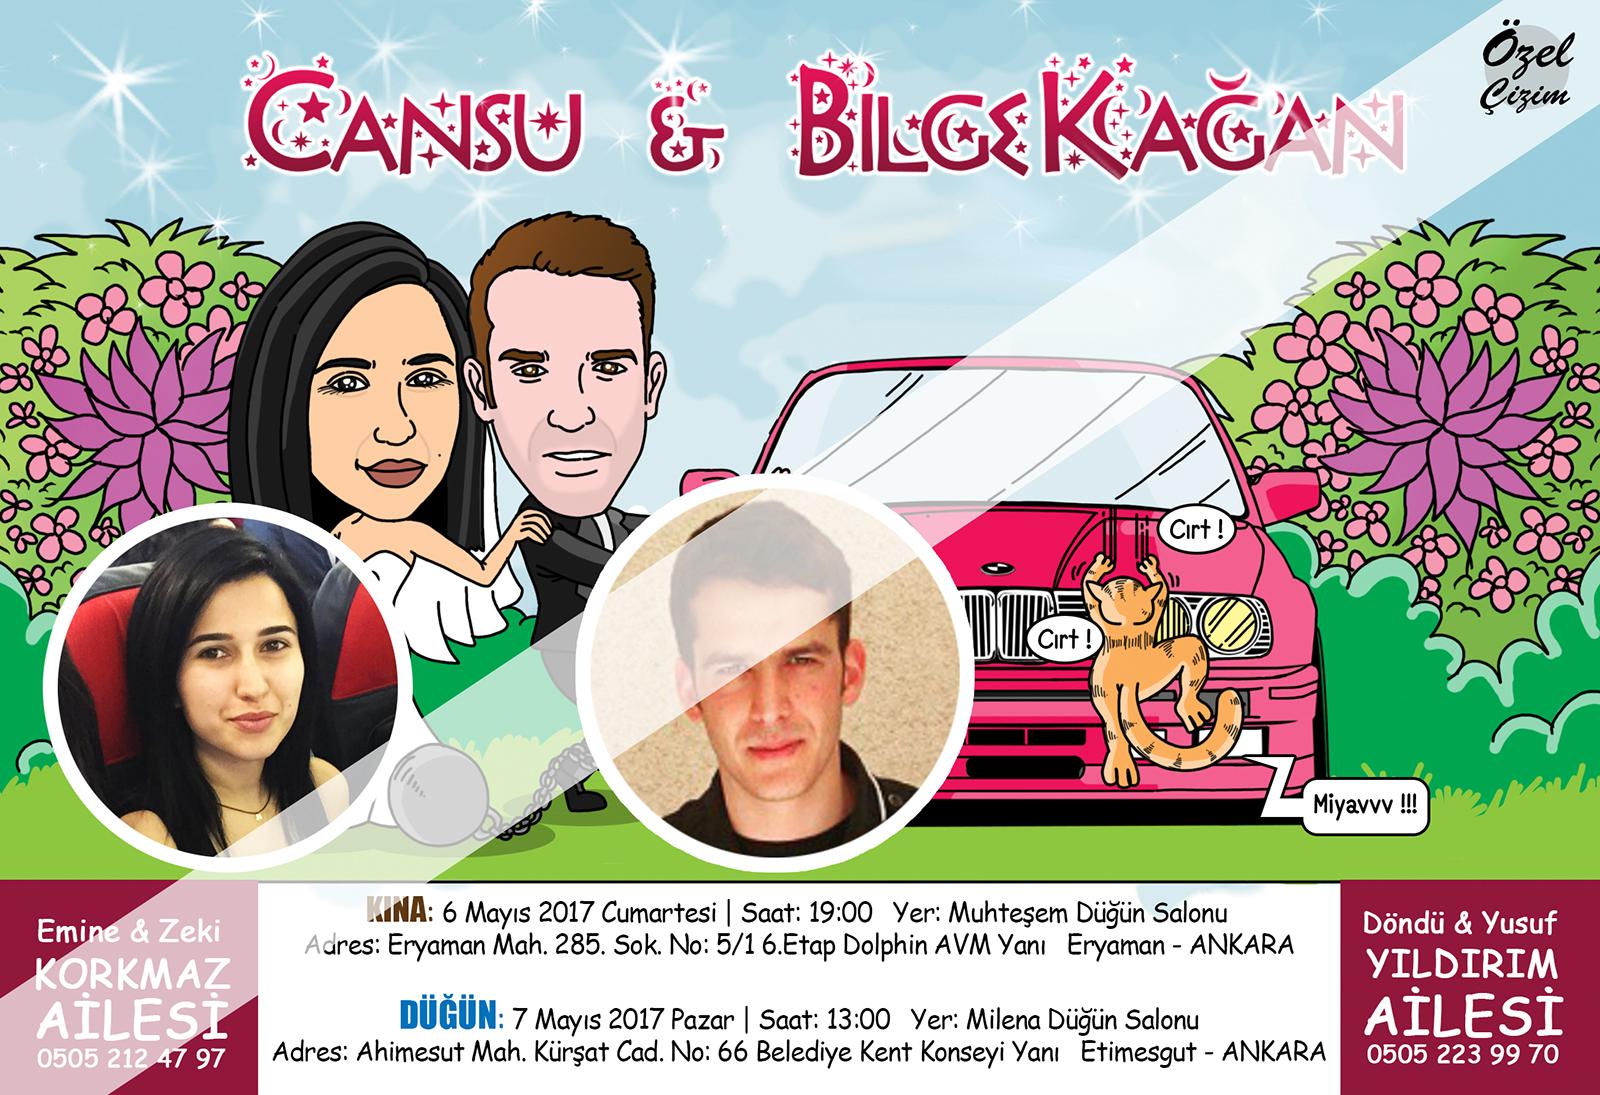 düğün davetiyesi, karikatürlü düğün davetiyesi, komik düğün davetiyesi, davetiye çizdir, düğün davetiyesi çizimi, davetiye karikatürü, davetiye örnekleri, Kişiye özel davetiye,